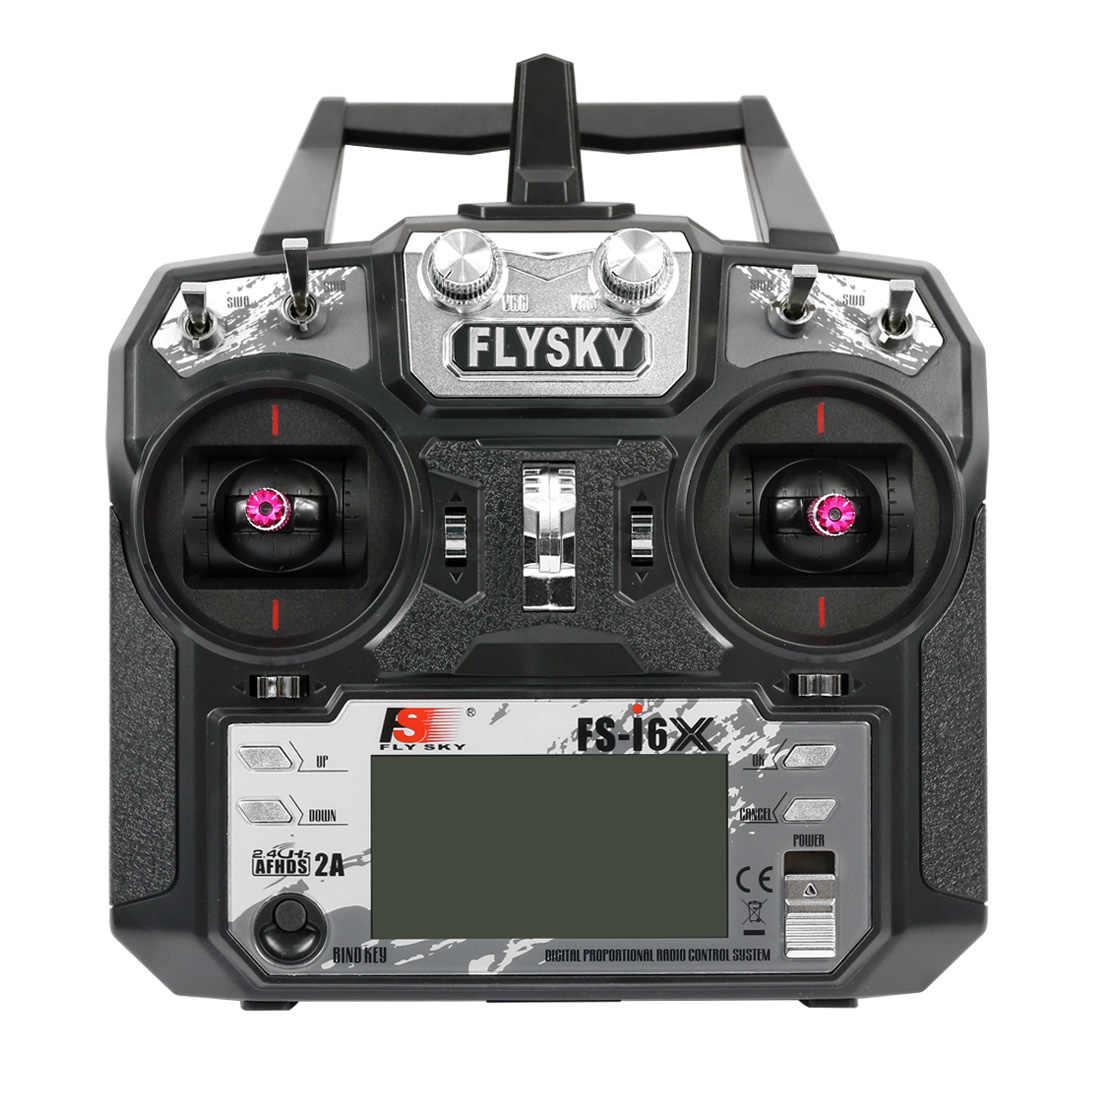 الأصلي Flysky FS-i6X 10CH 2.4 جيجا هرتز AFHDS 2A RC الارسال لا استقبال ل RC الطائرة بدون طيار طائرة هليكوبتر تحكم عن بعد